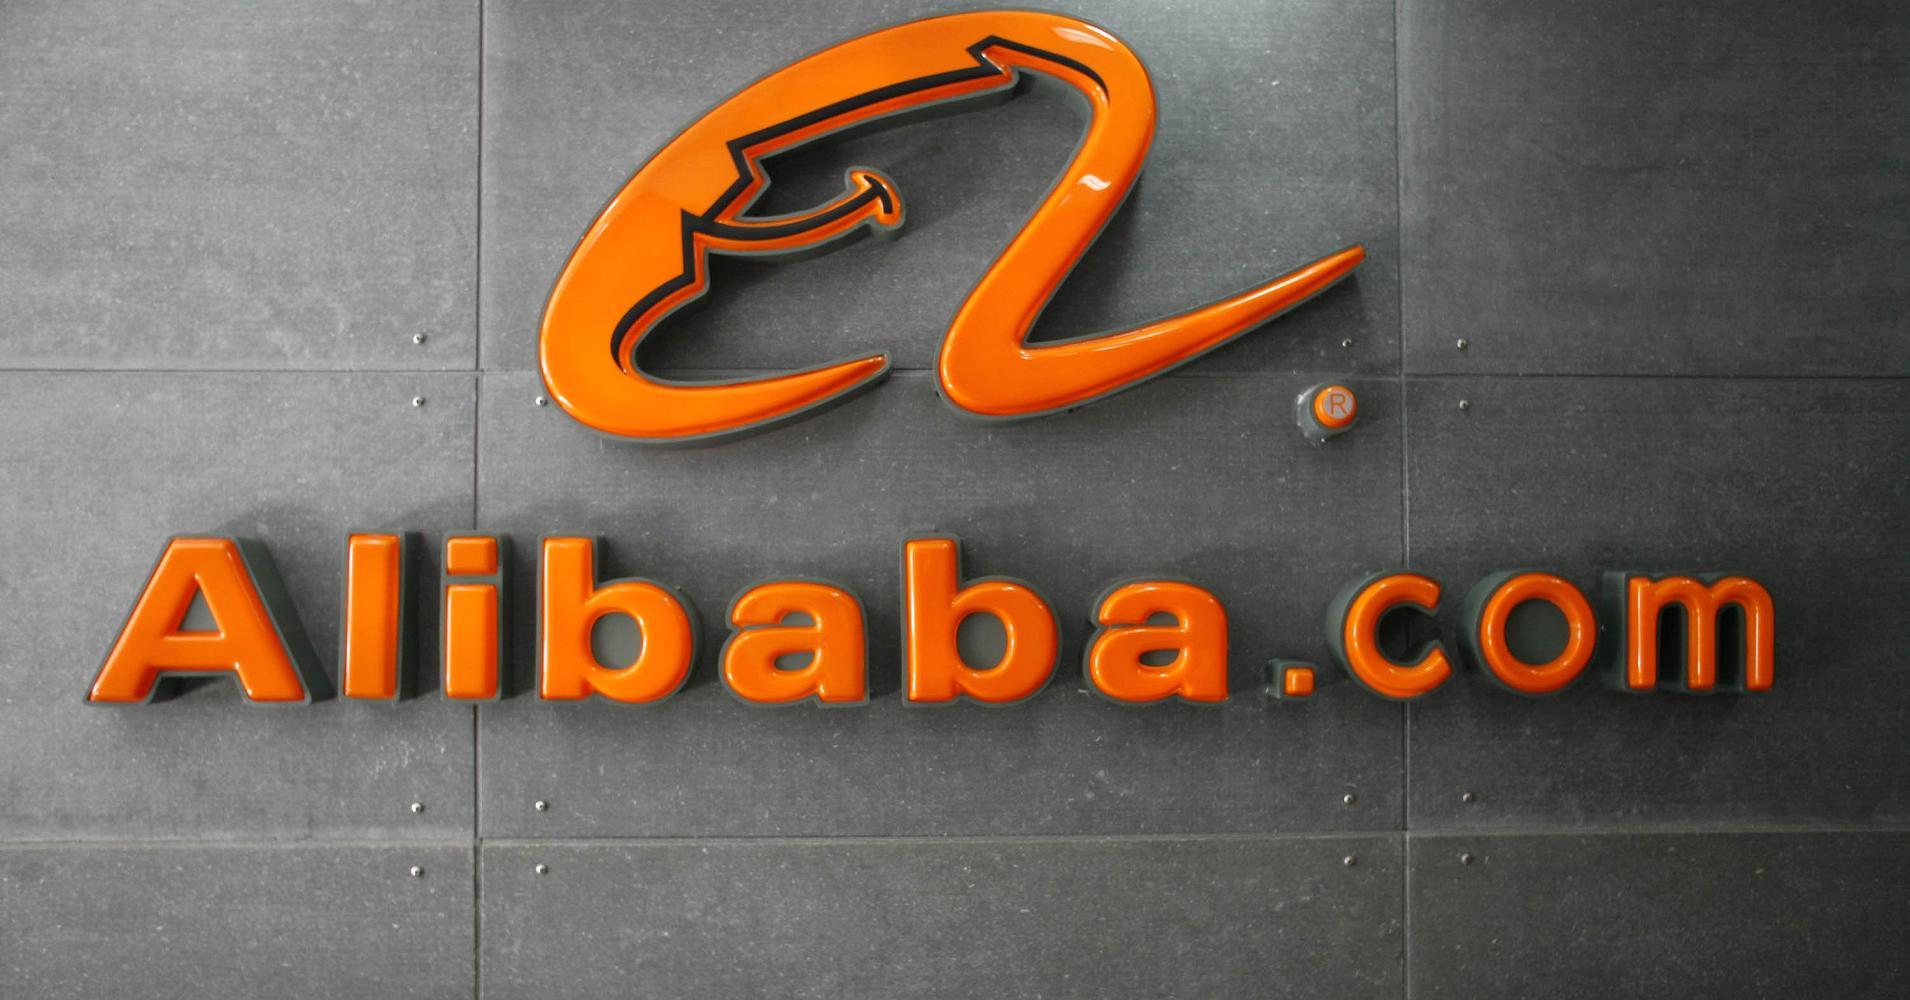 Alibaba Group інвестувала $177 мільйонів у китайський сервіс Paytm E-Commerce